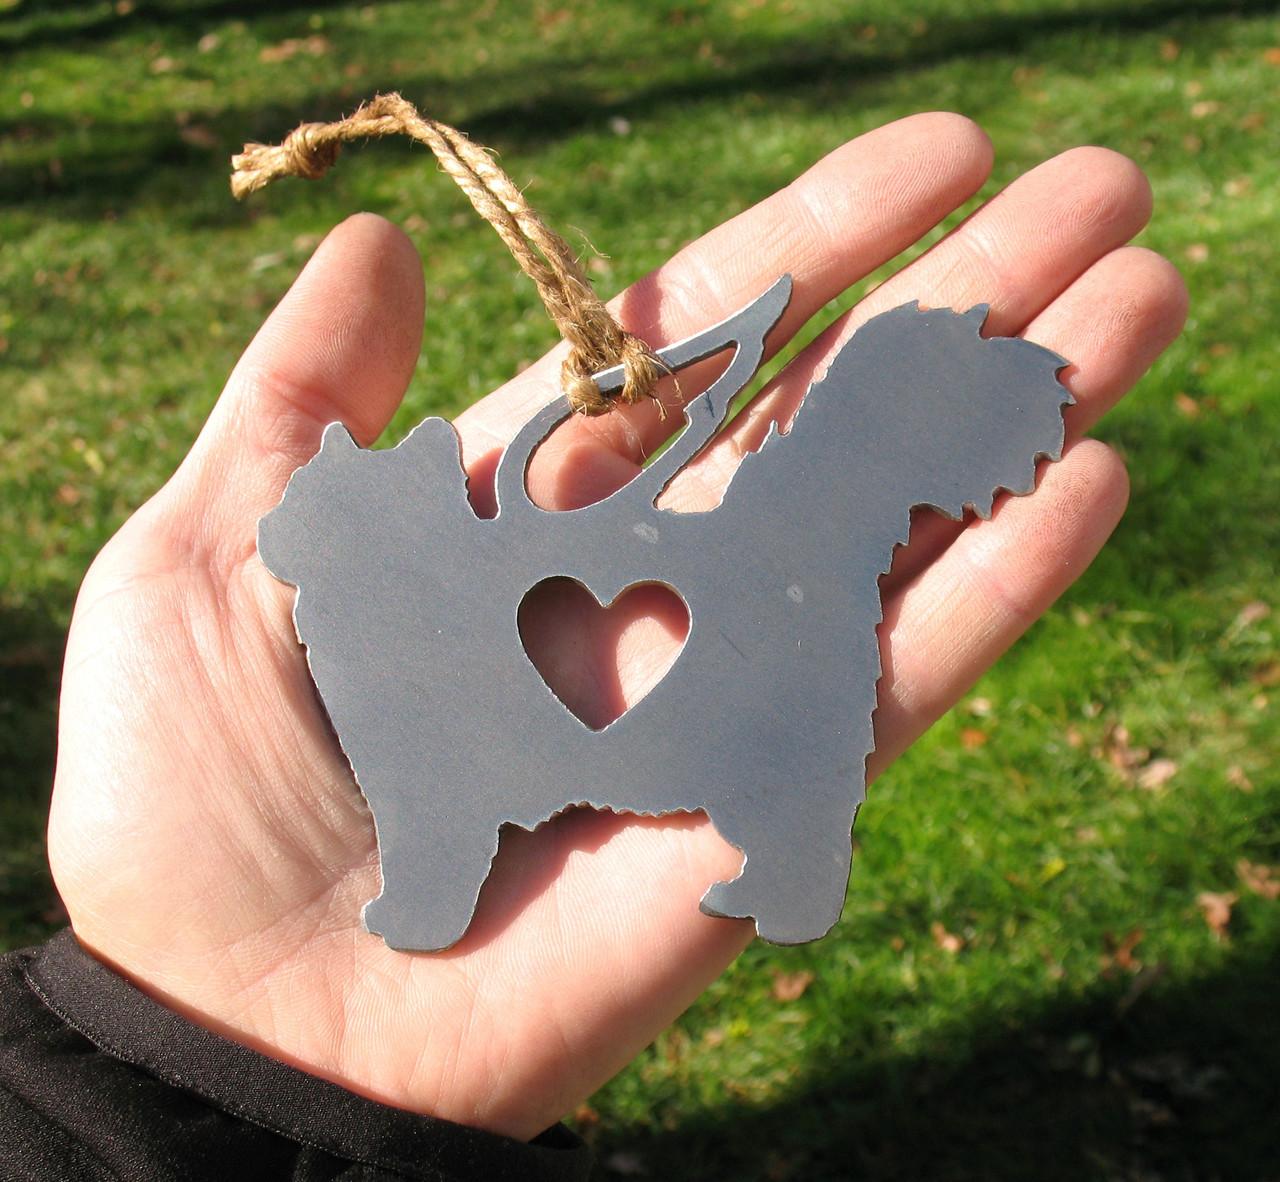 Ragdoll Cat Memorial Angel - Cat Loss Gift - Pet Loss Cat Sympathy Remembrance Gift - Metal Cat Christmas Ornament - Cat Lover